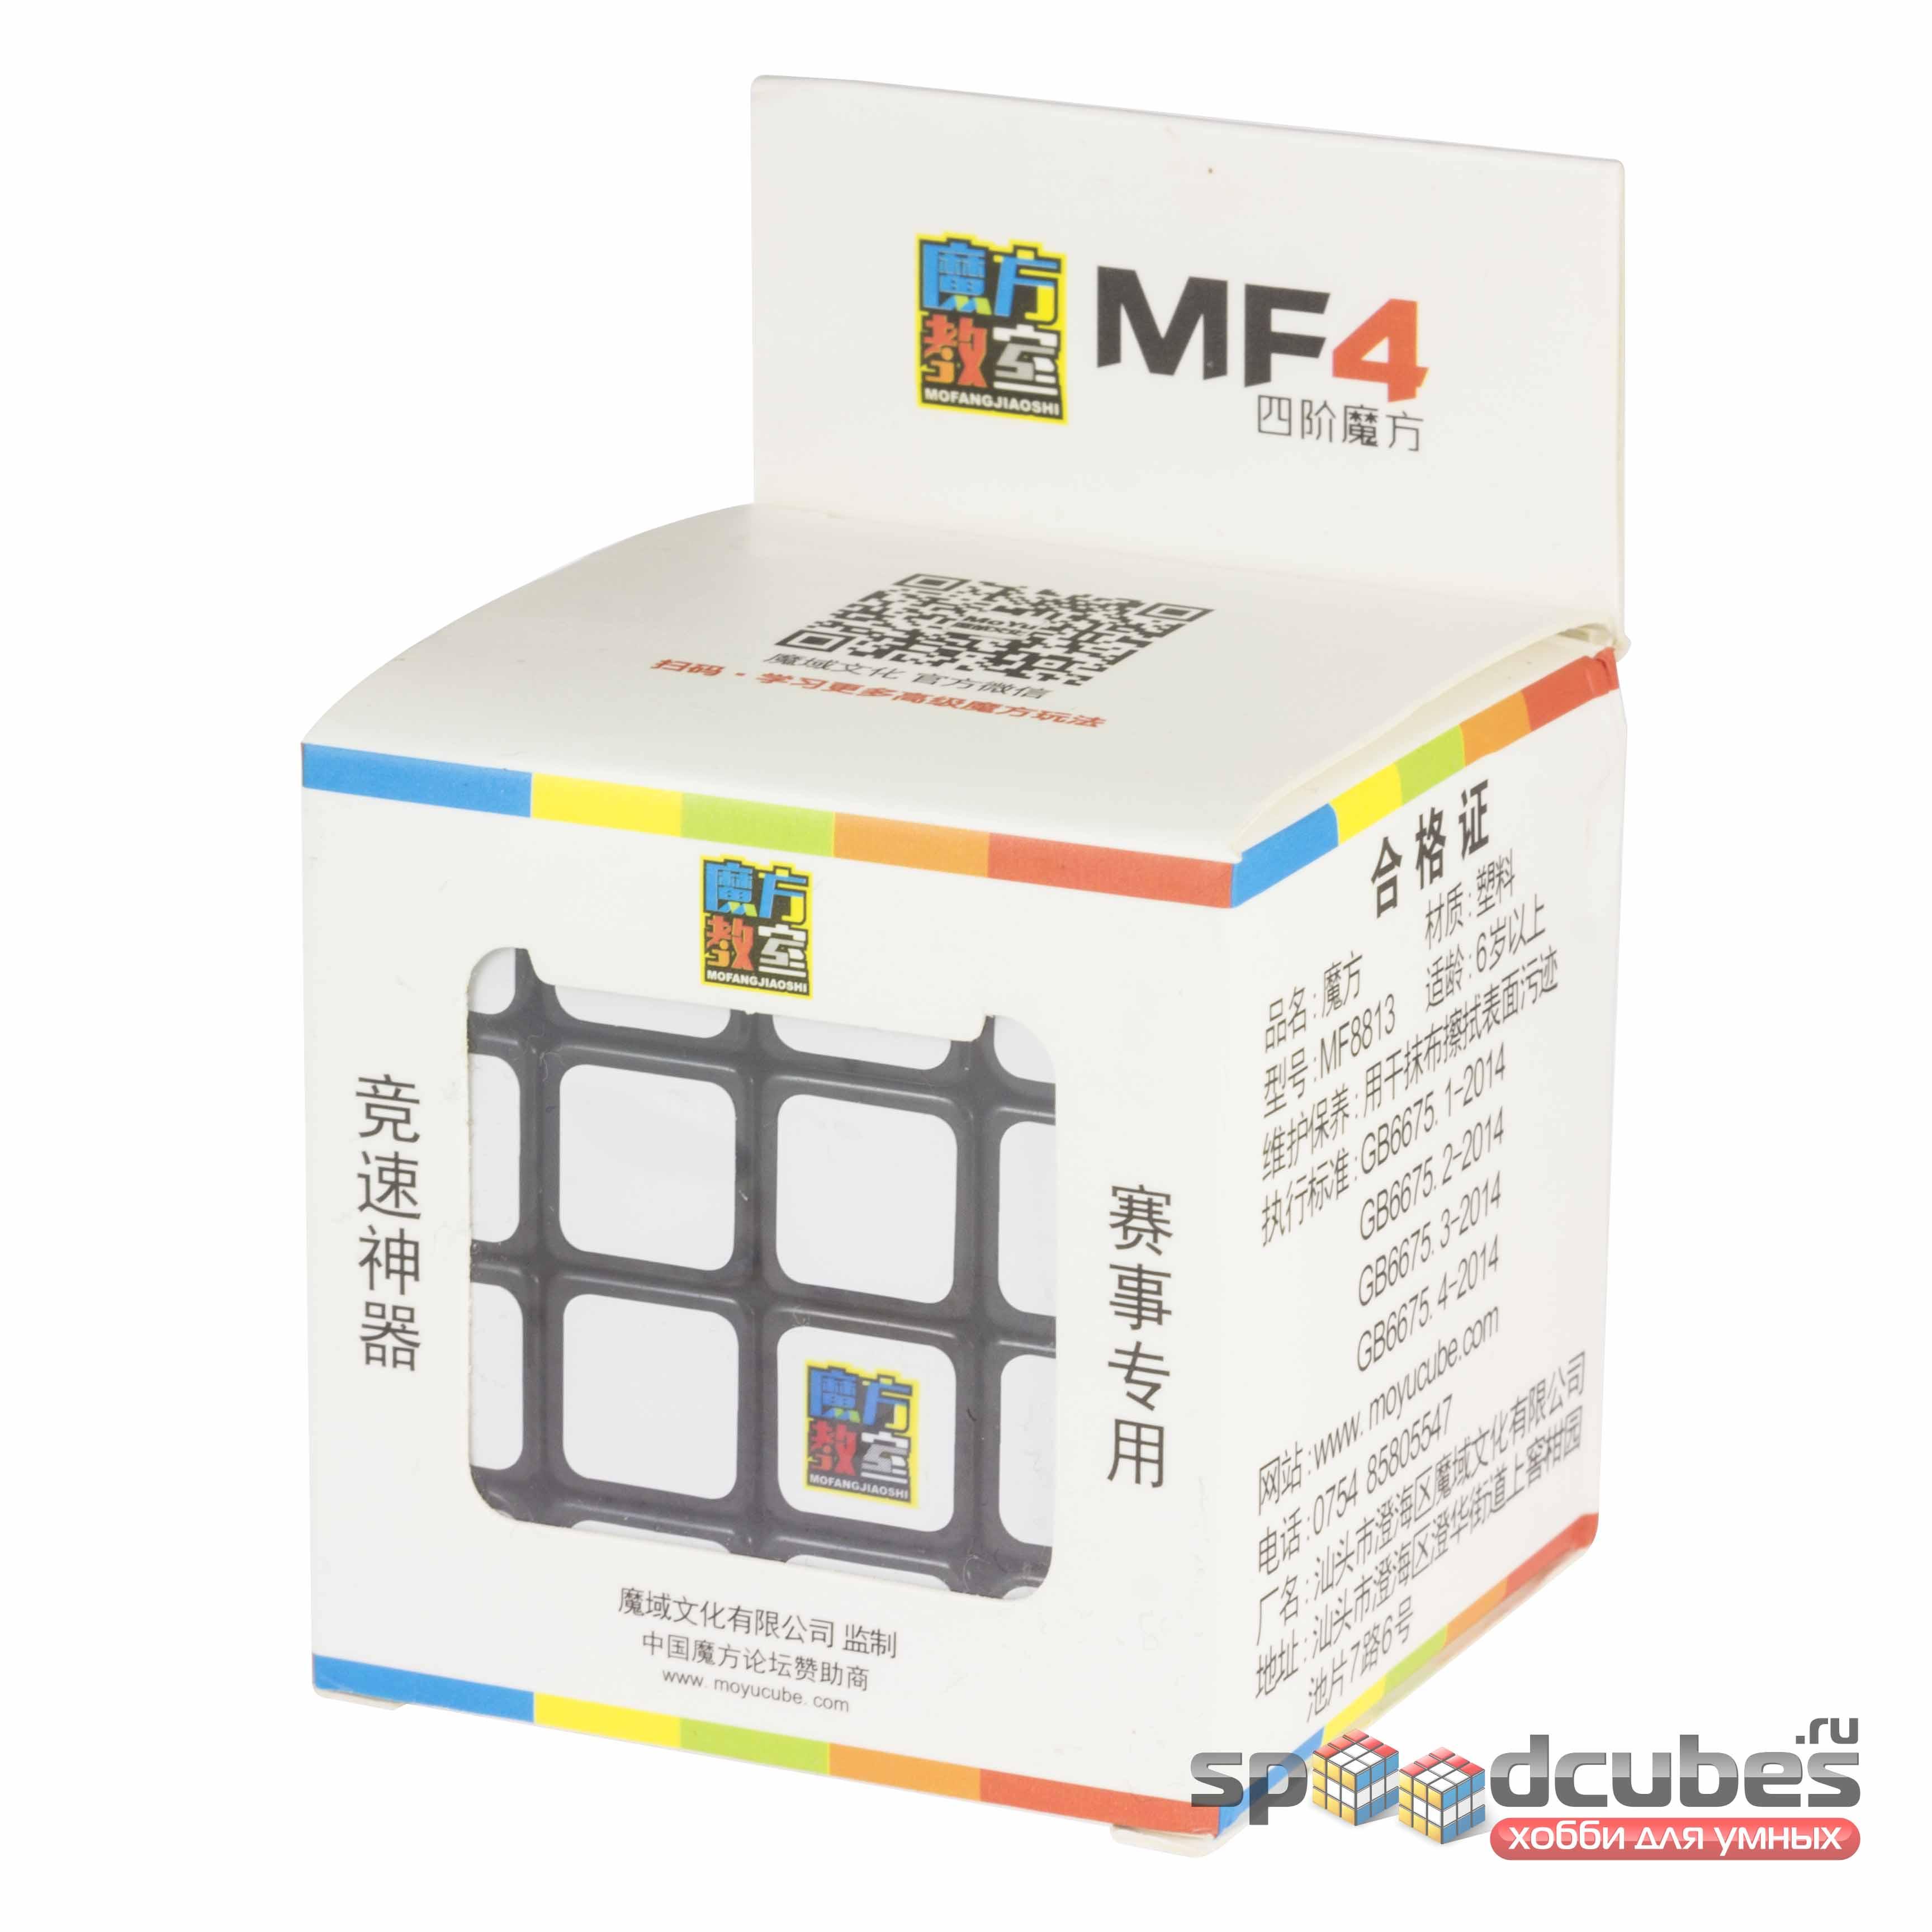 MoYu 4x4x4 MofangJiaoshi MF4 1